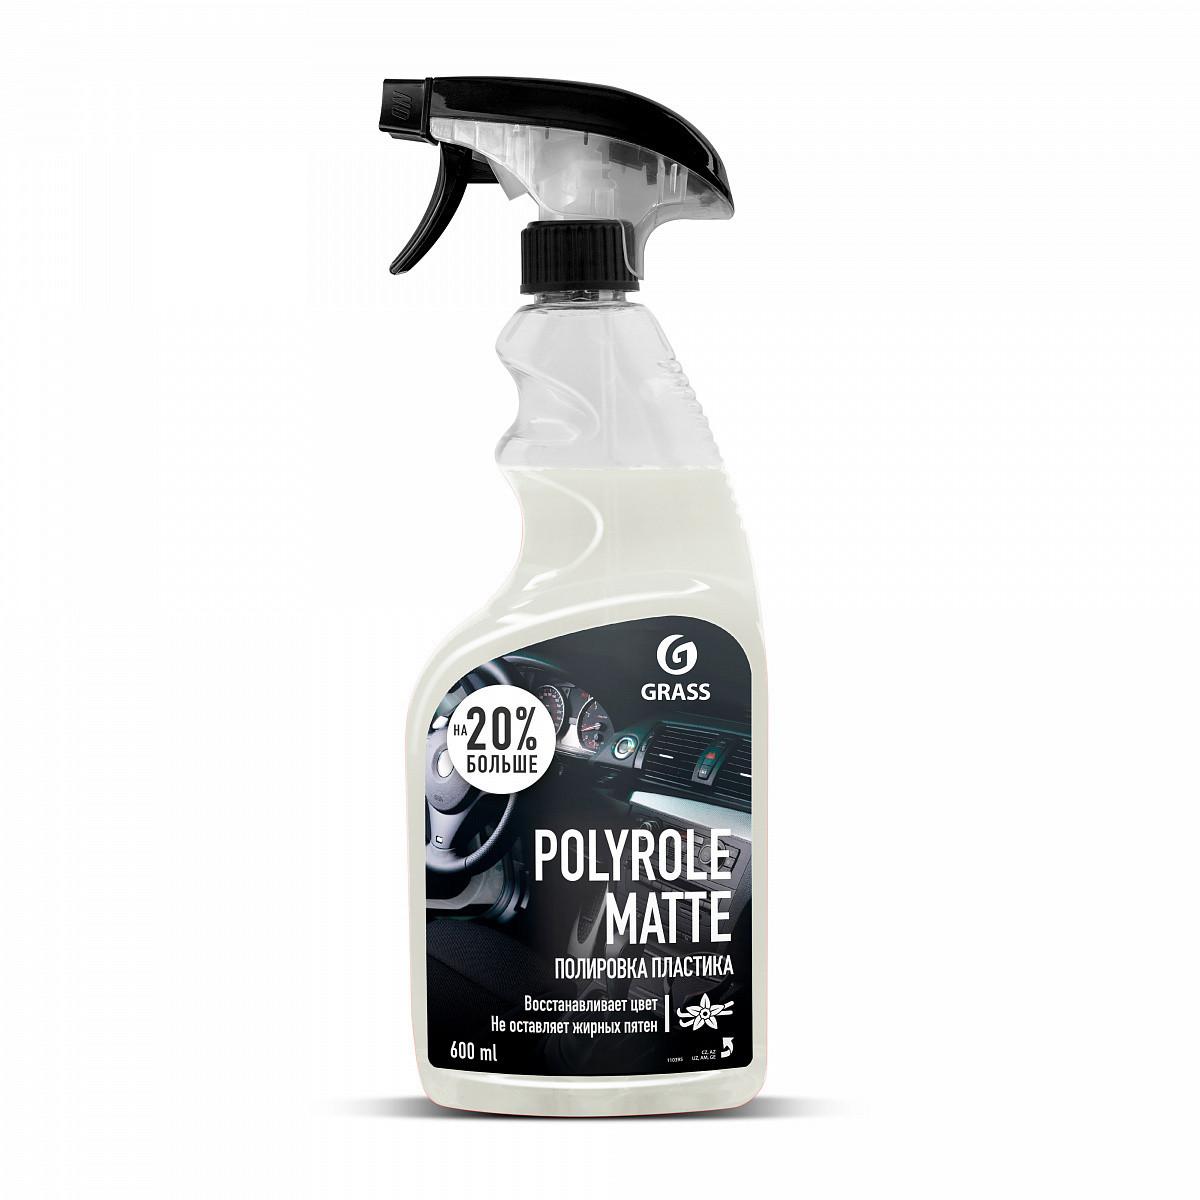 Полироль-очиститель пластика матовый Polyrole Matte с ароматом ванили